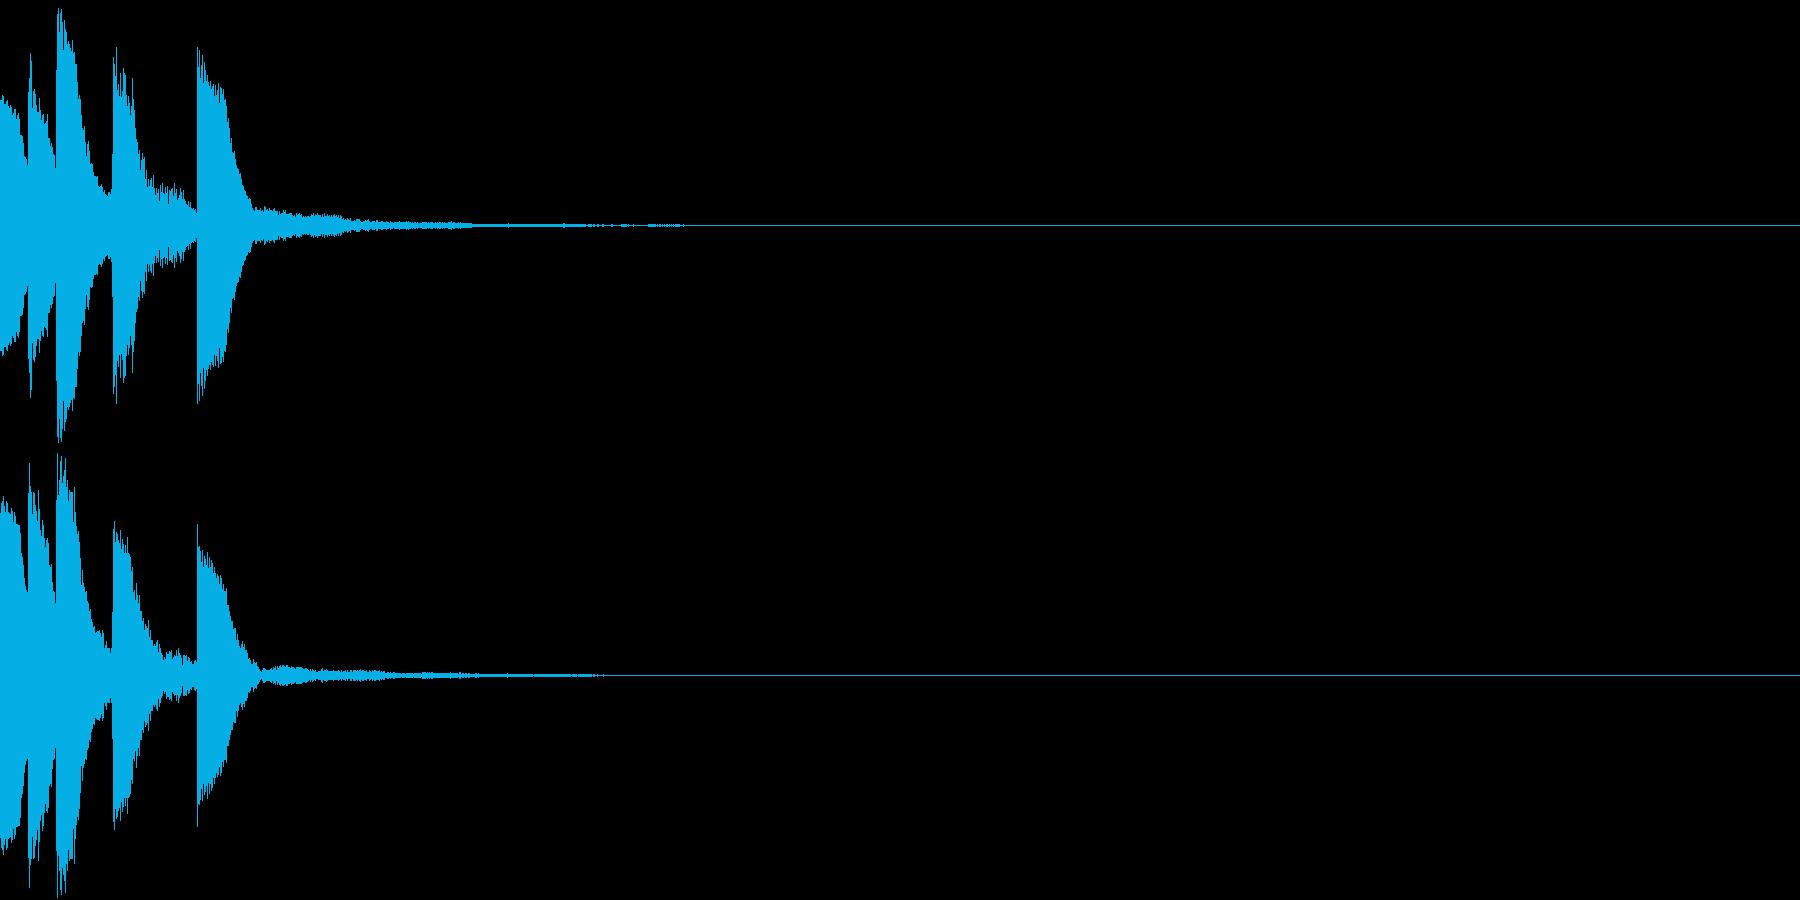 Anime ゆるかわアイキャッチ 1の再生済みの波形